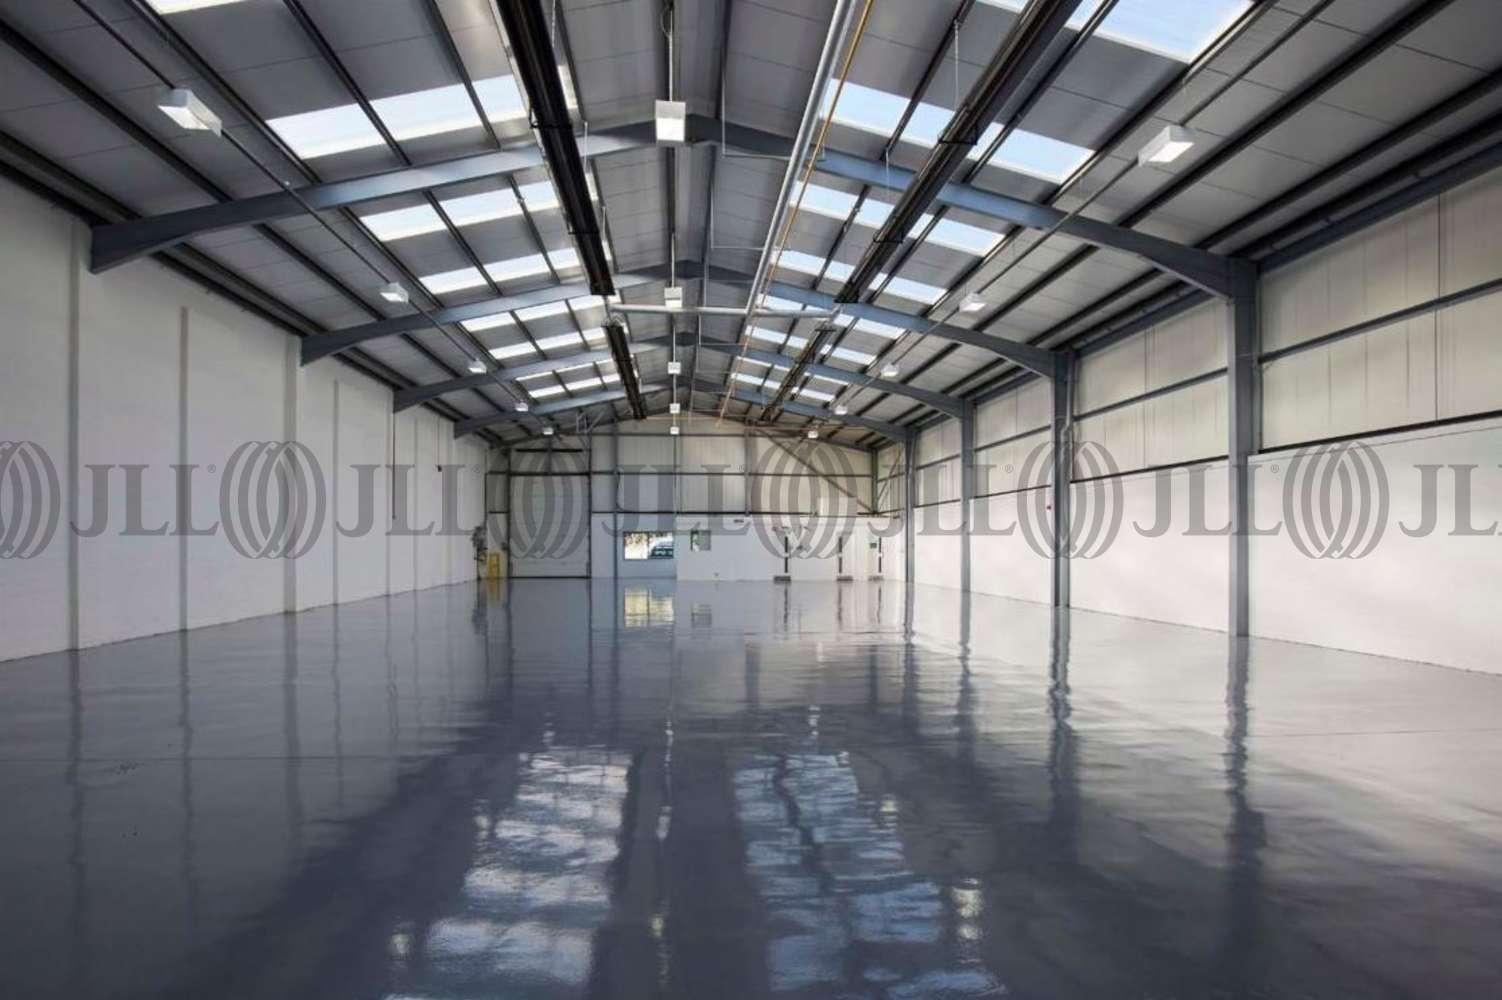 Industrial Aylesbury, HP19 8RY - Unit 8, Bicester Road Industrial Estate